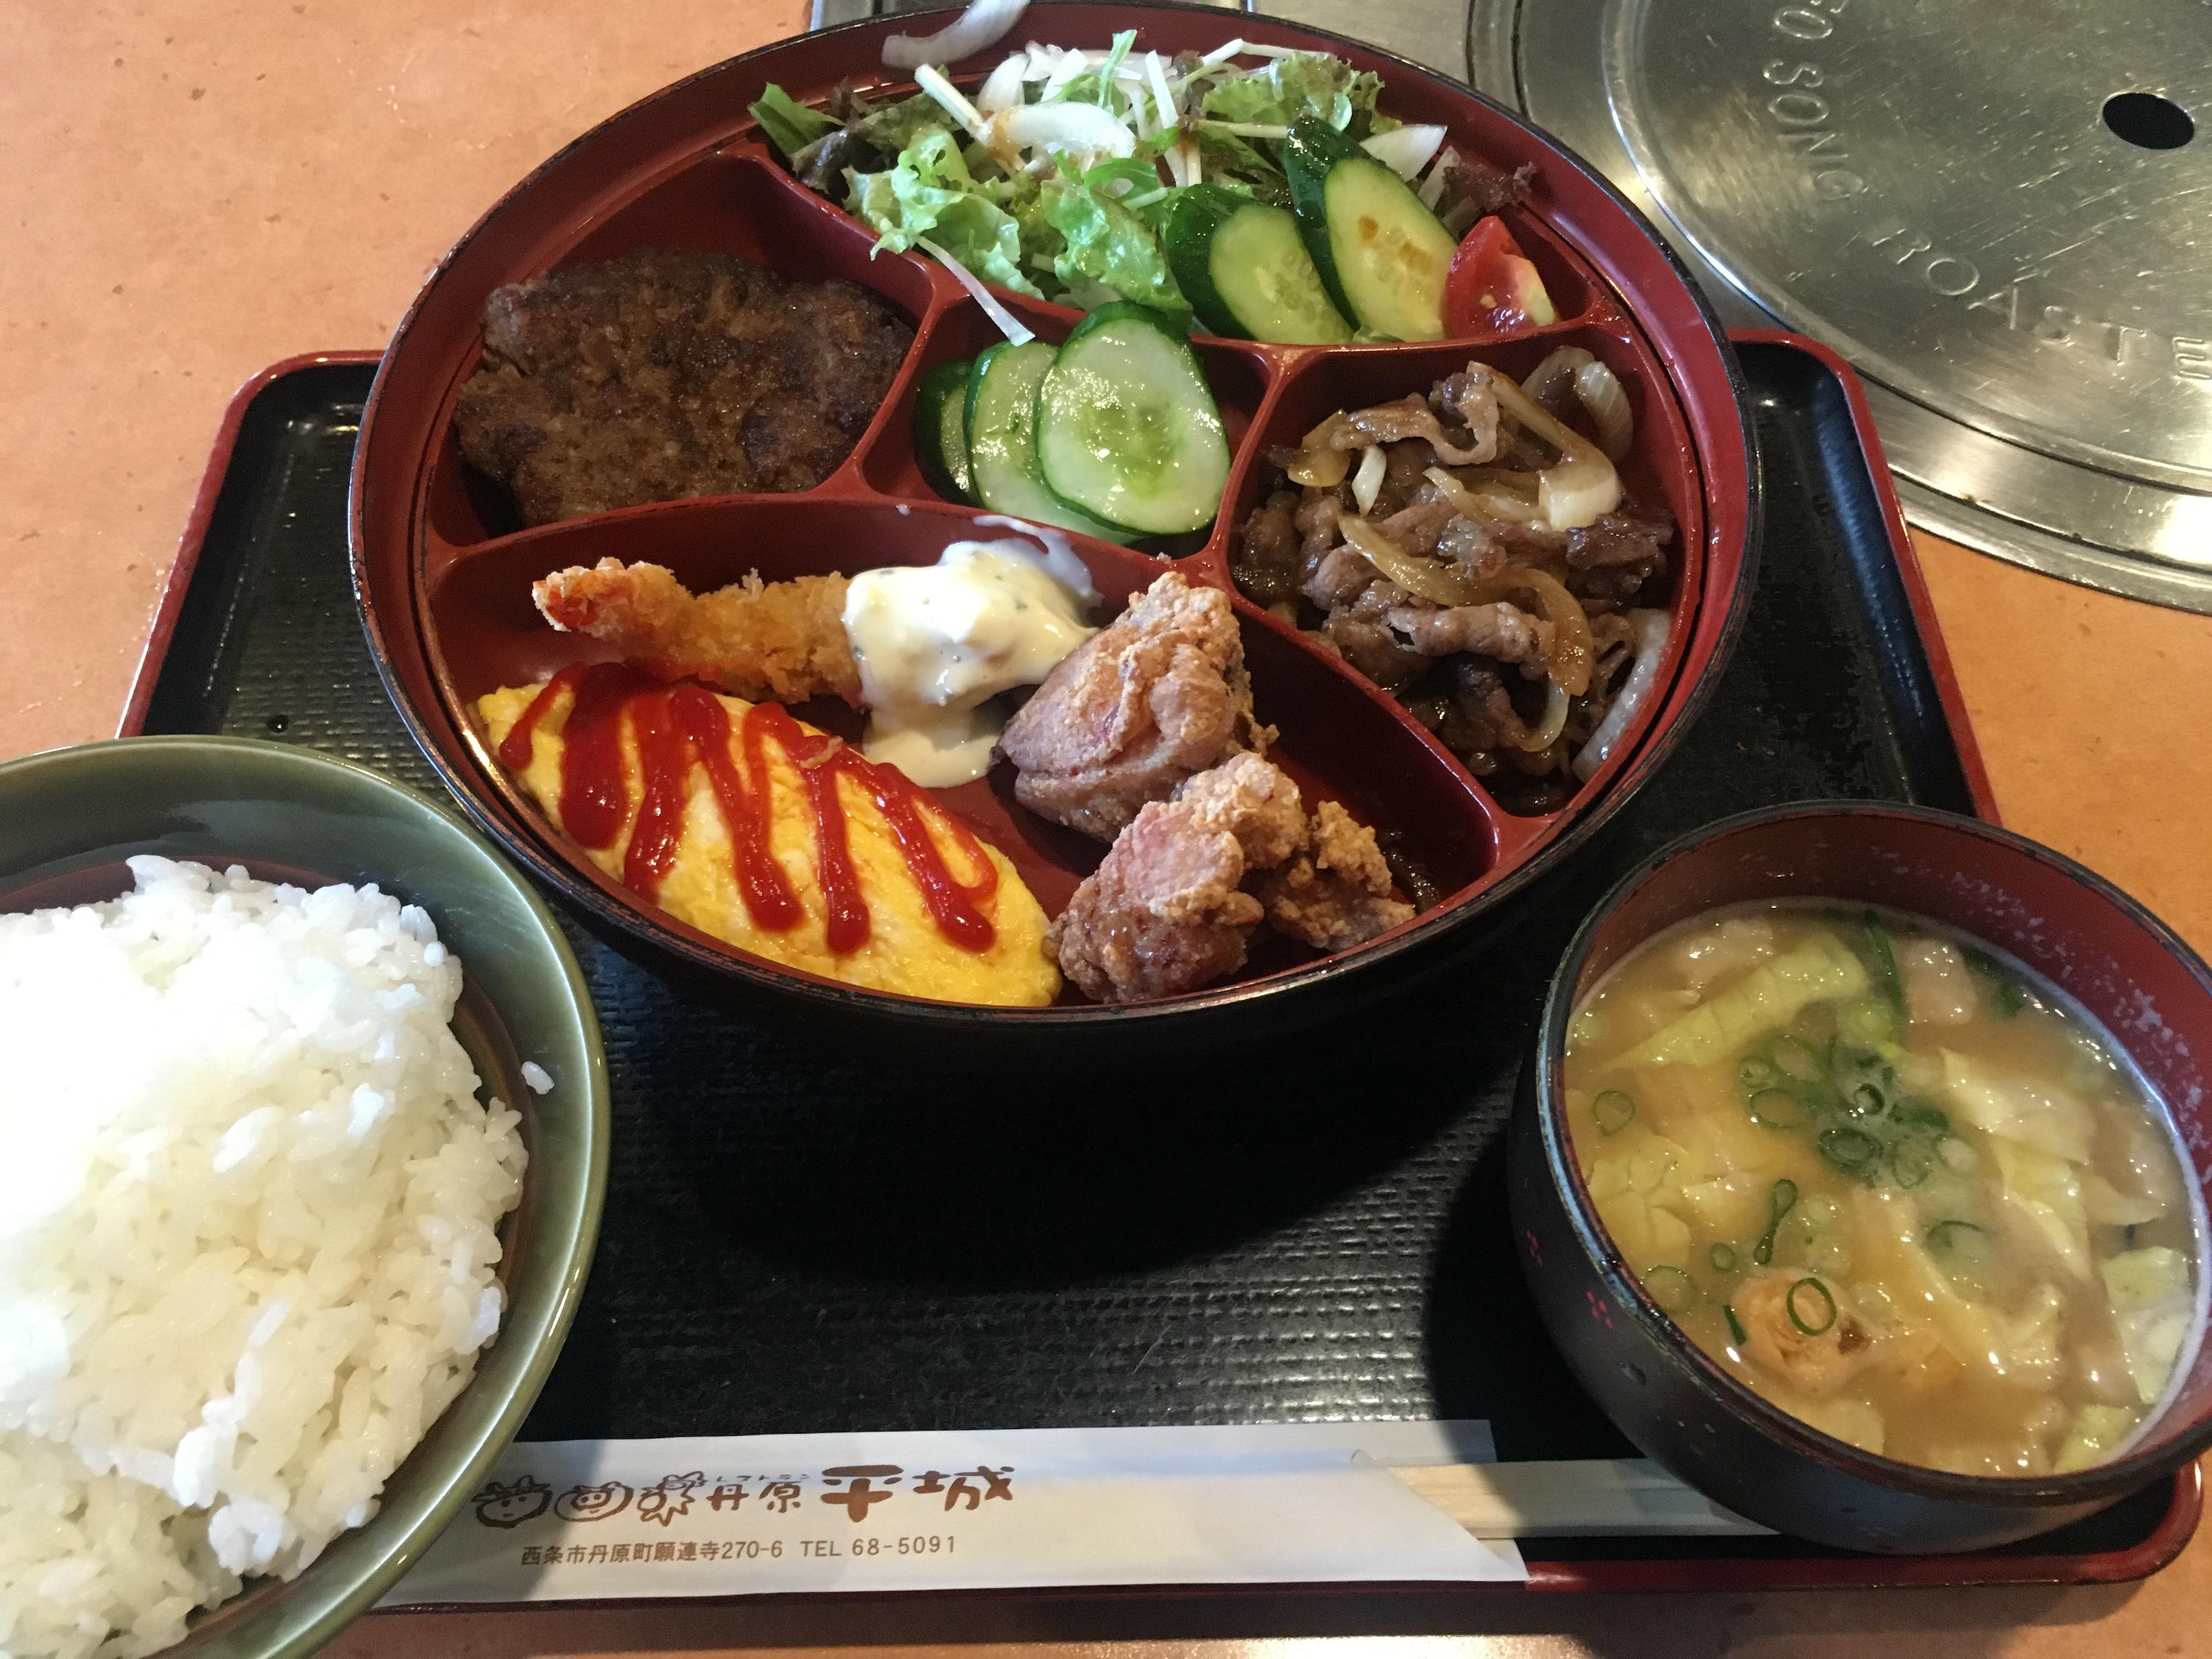 暑い夏をぶっ飛ばす!知る人ぞ知る西条市丹原の「平城」でスタミナ抜群の男飯を食うべし!